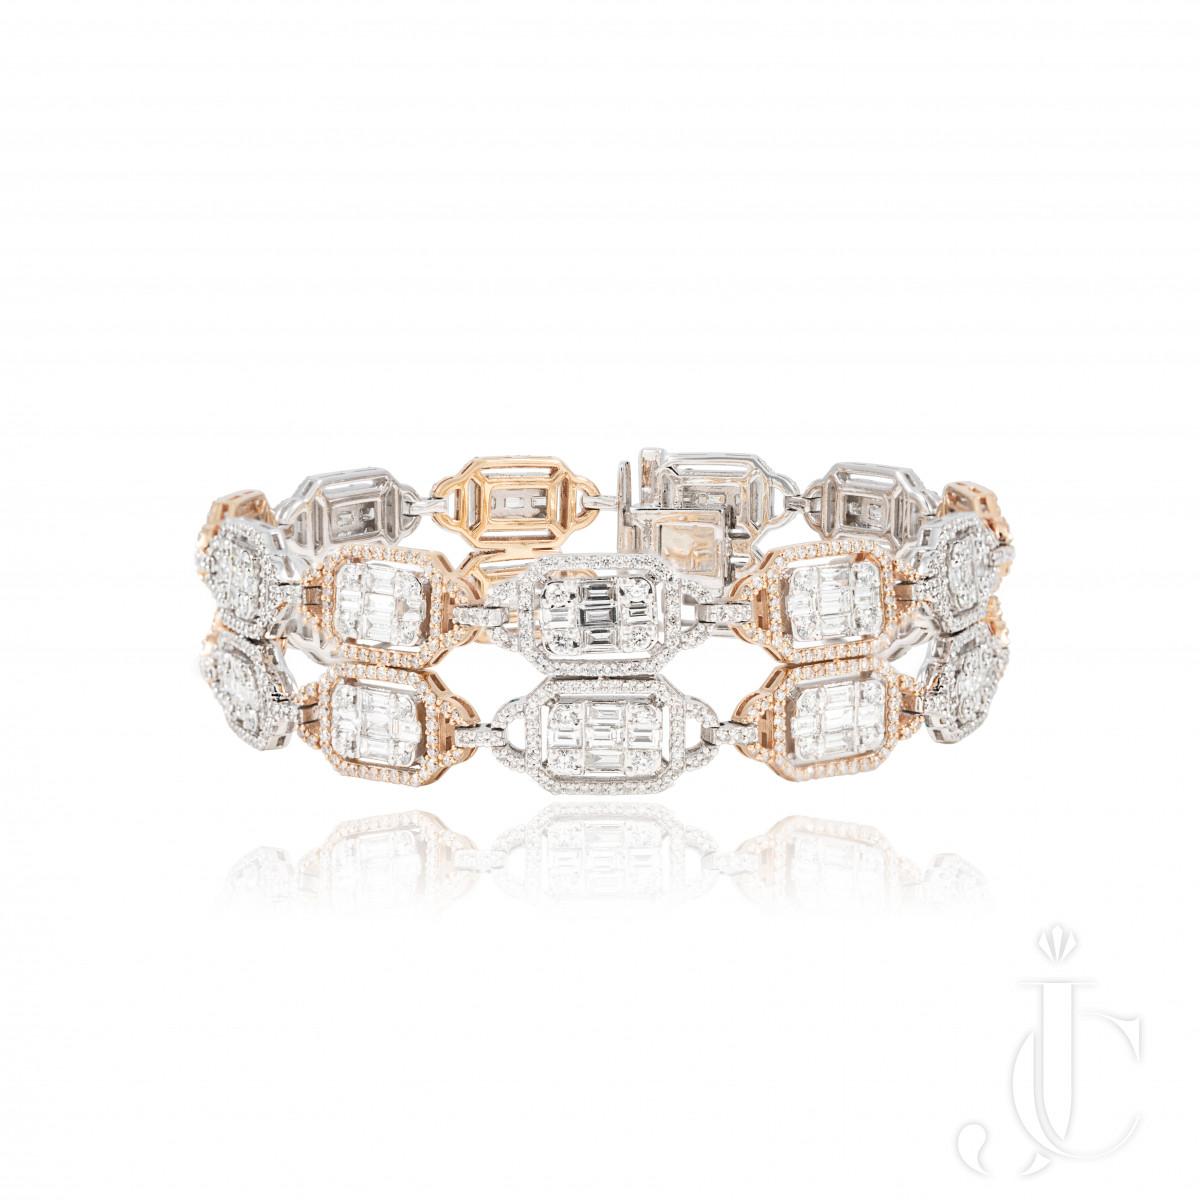 An Order of Bling Diamond Bracelet, 18 K Gold